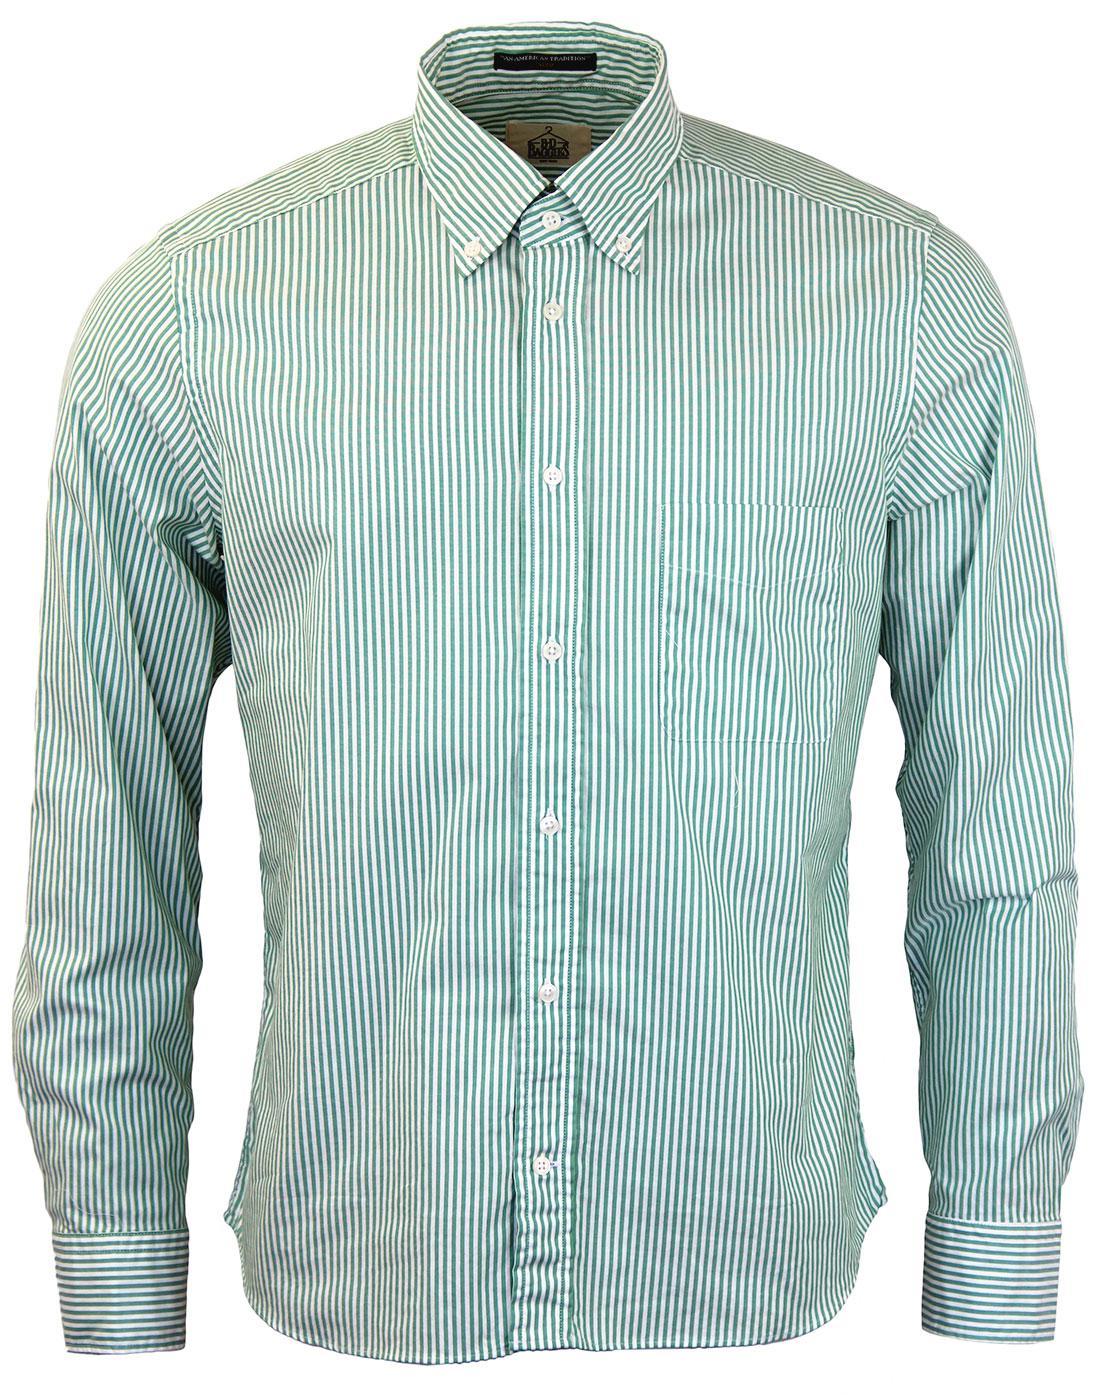 Dexter B D BAGGIES Slim Fit Bengal Stripe Shirt